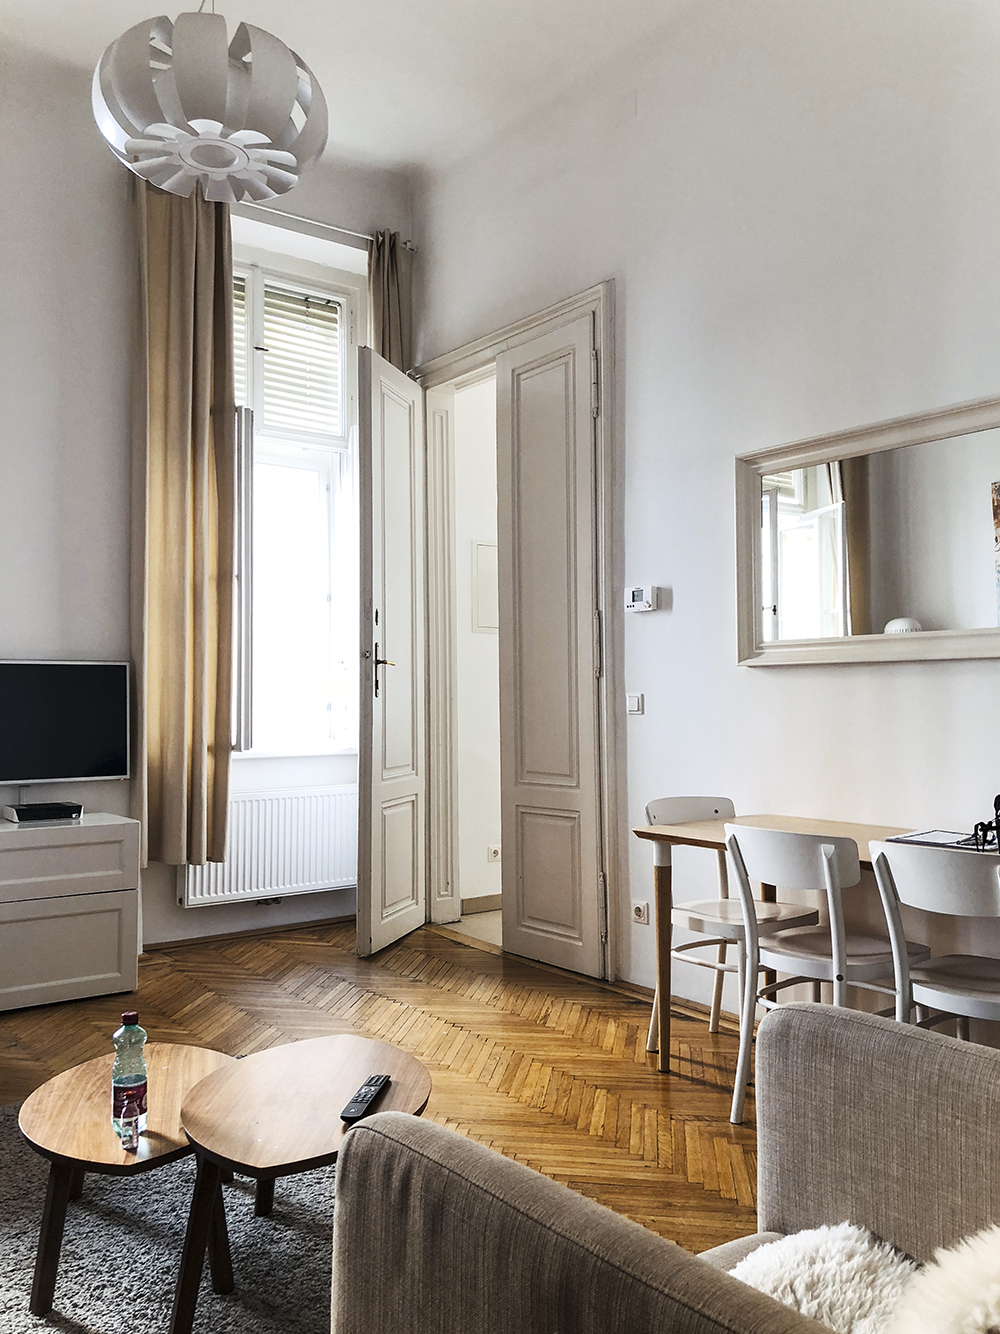 Vienna Apartment Stylesnooperdan 3.jpg